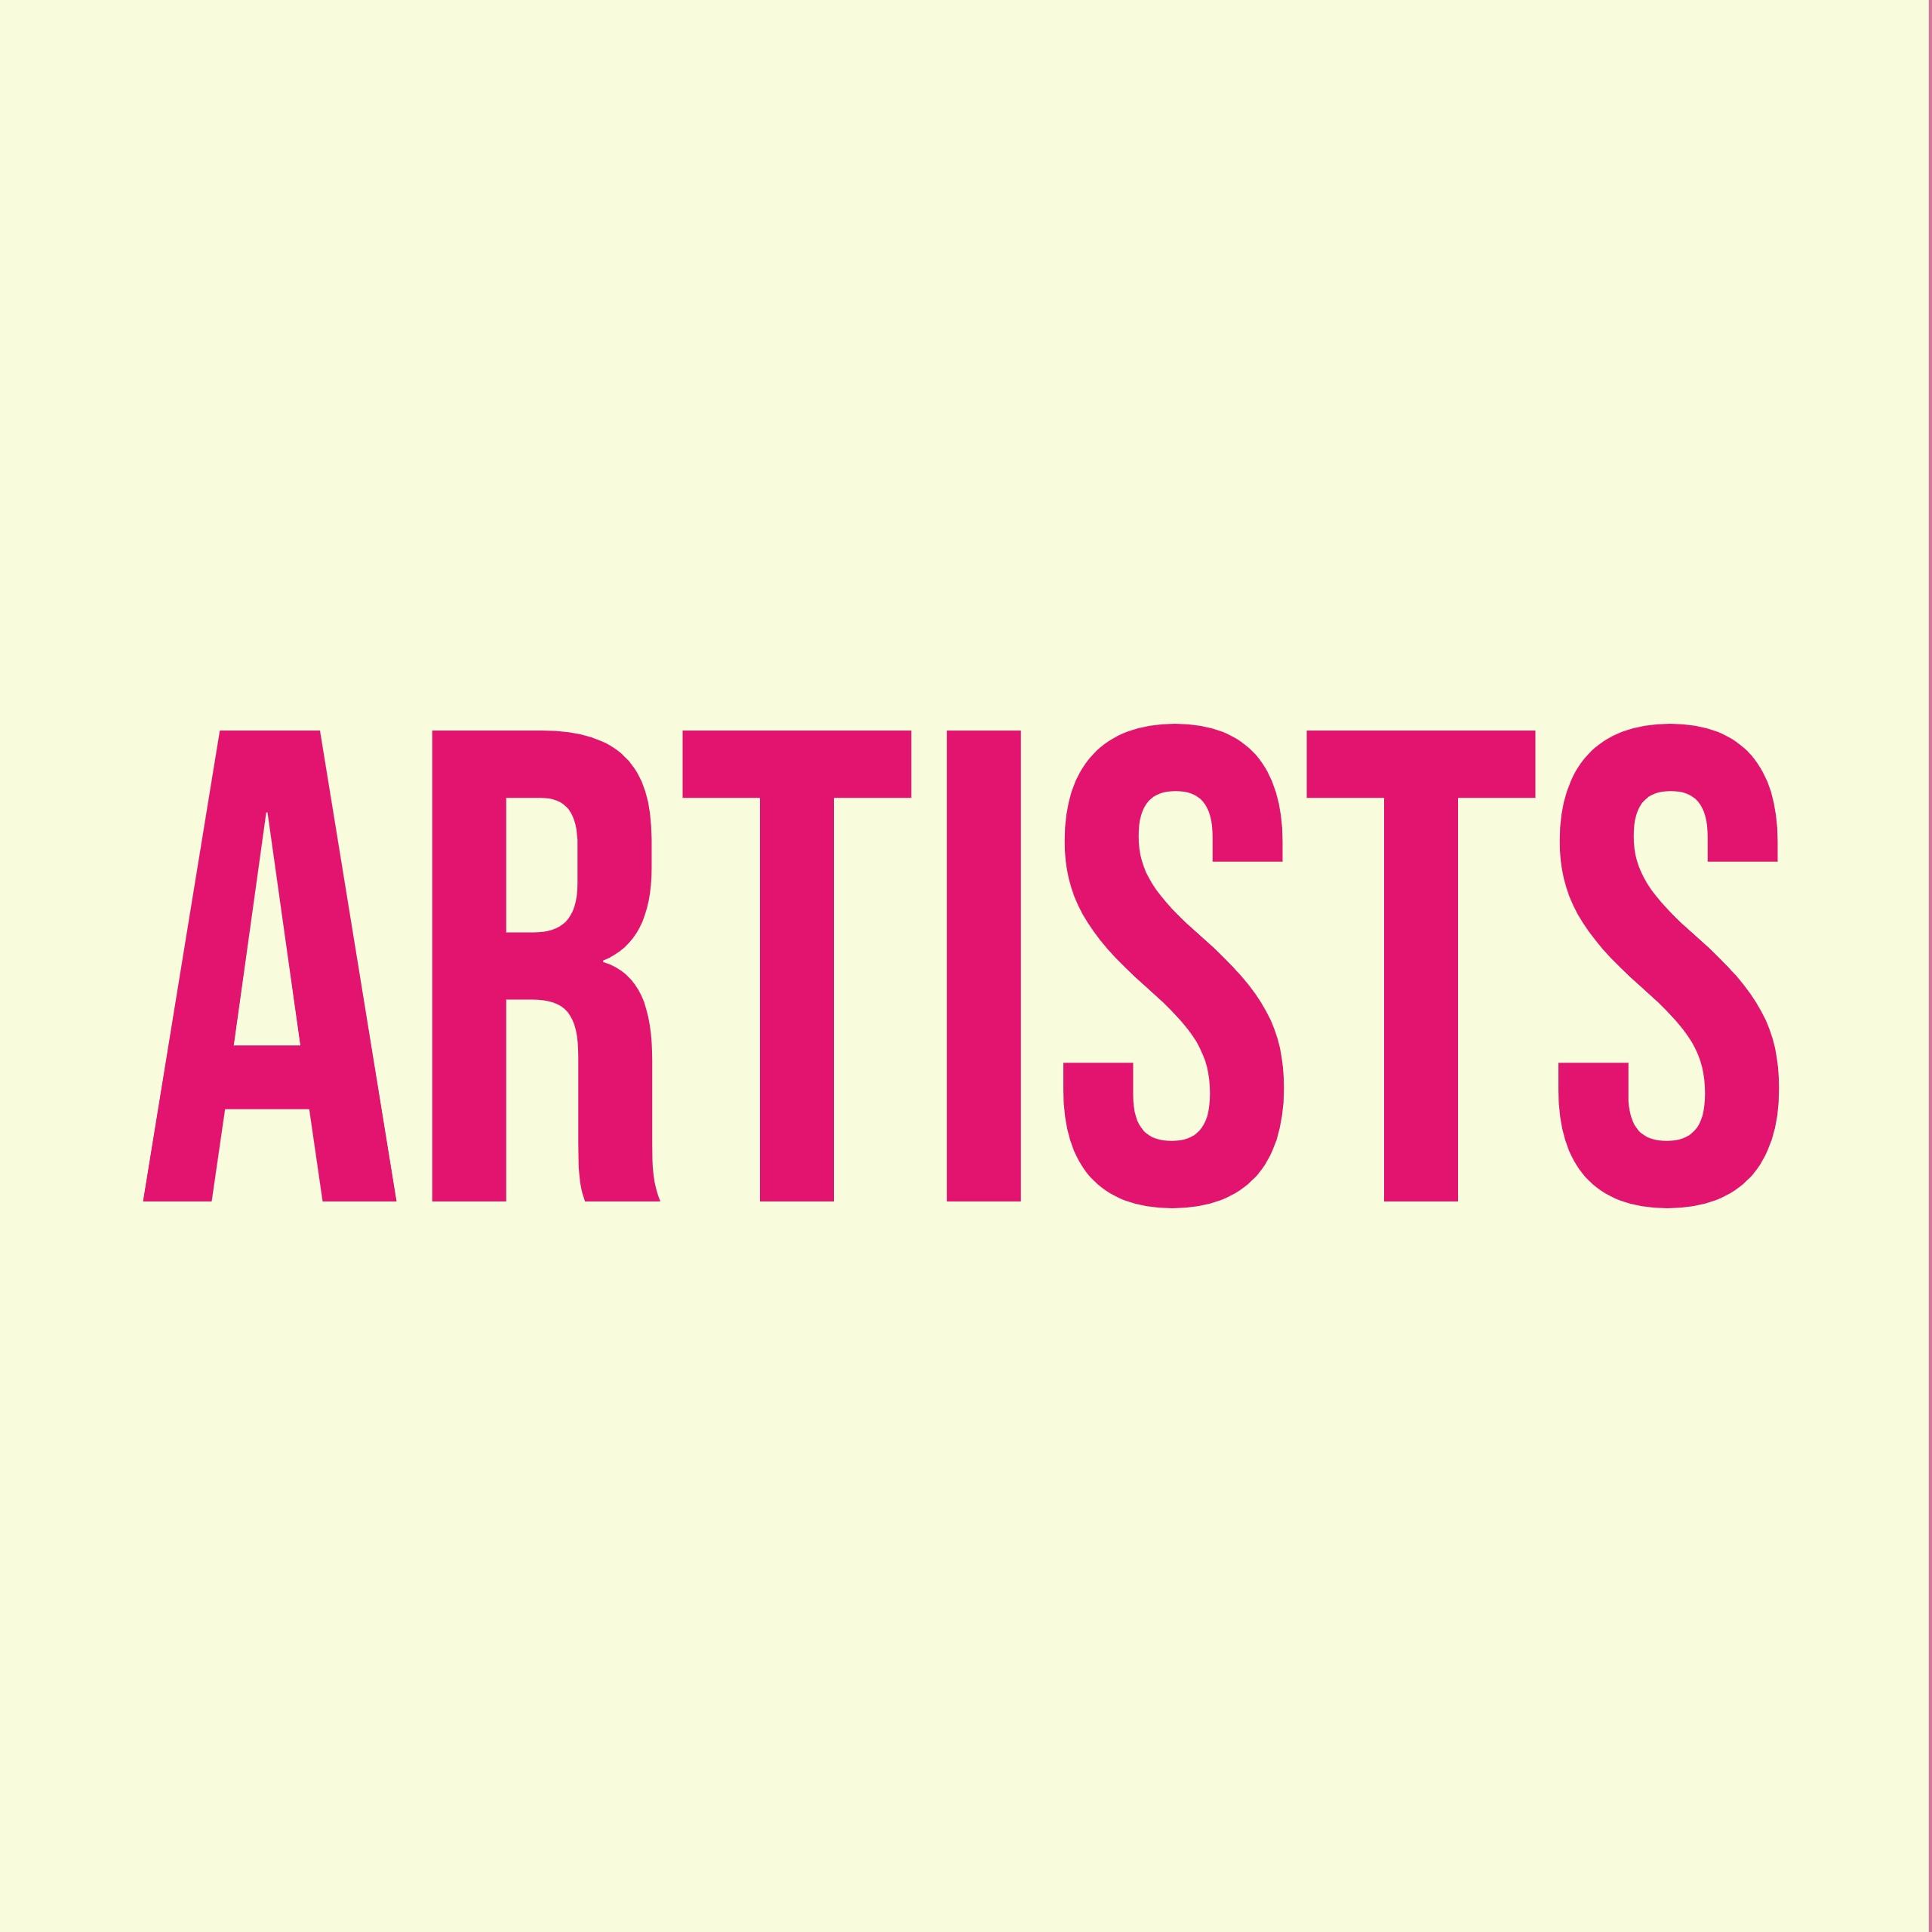 """pinker Text """"Artists"""" auf beigem Hintergrund"""